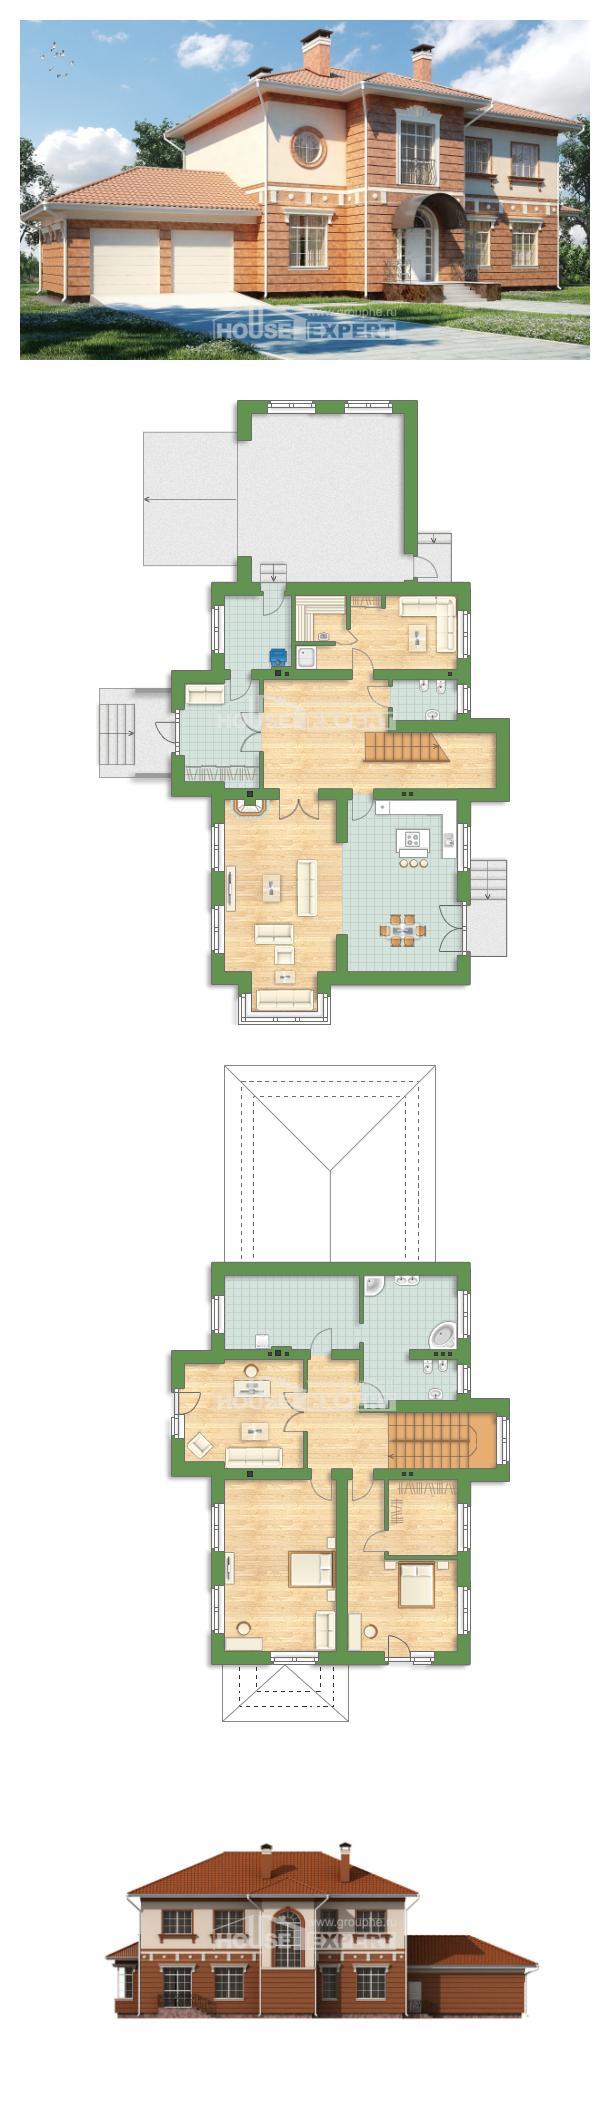 Plan 285-001-L | House Expert